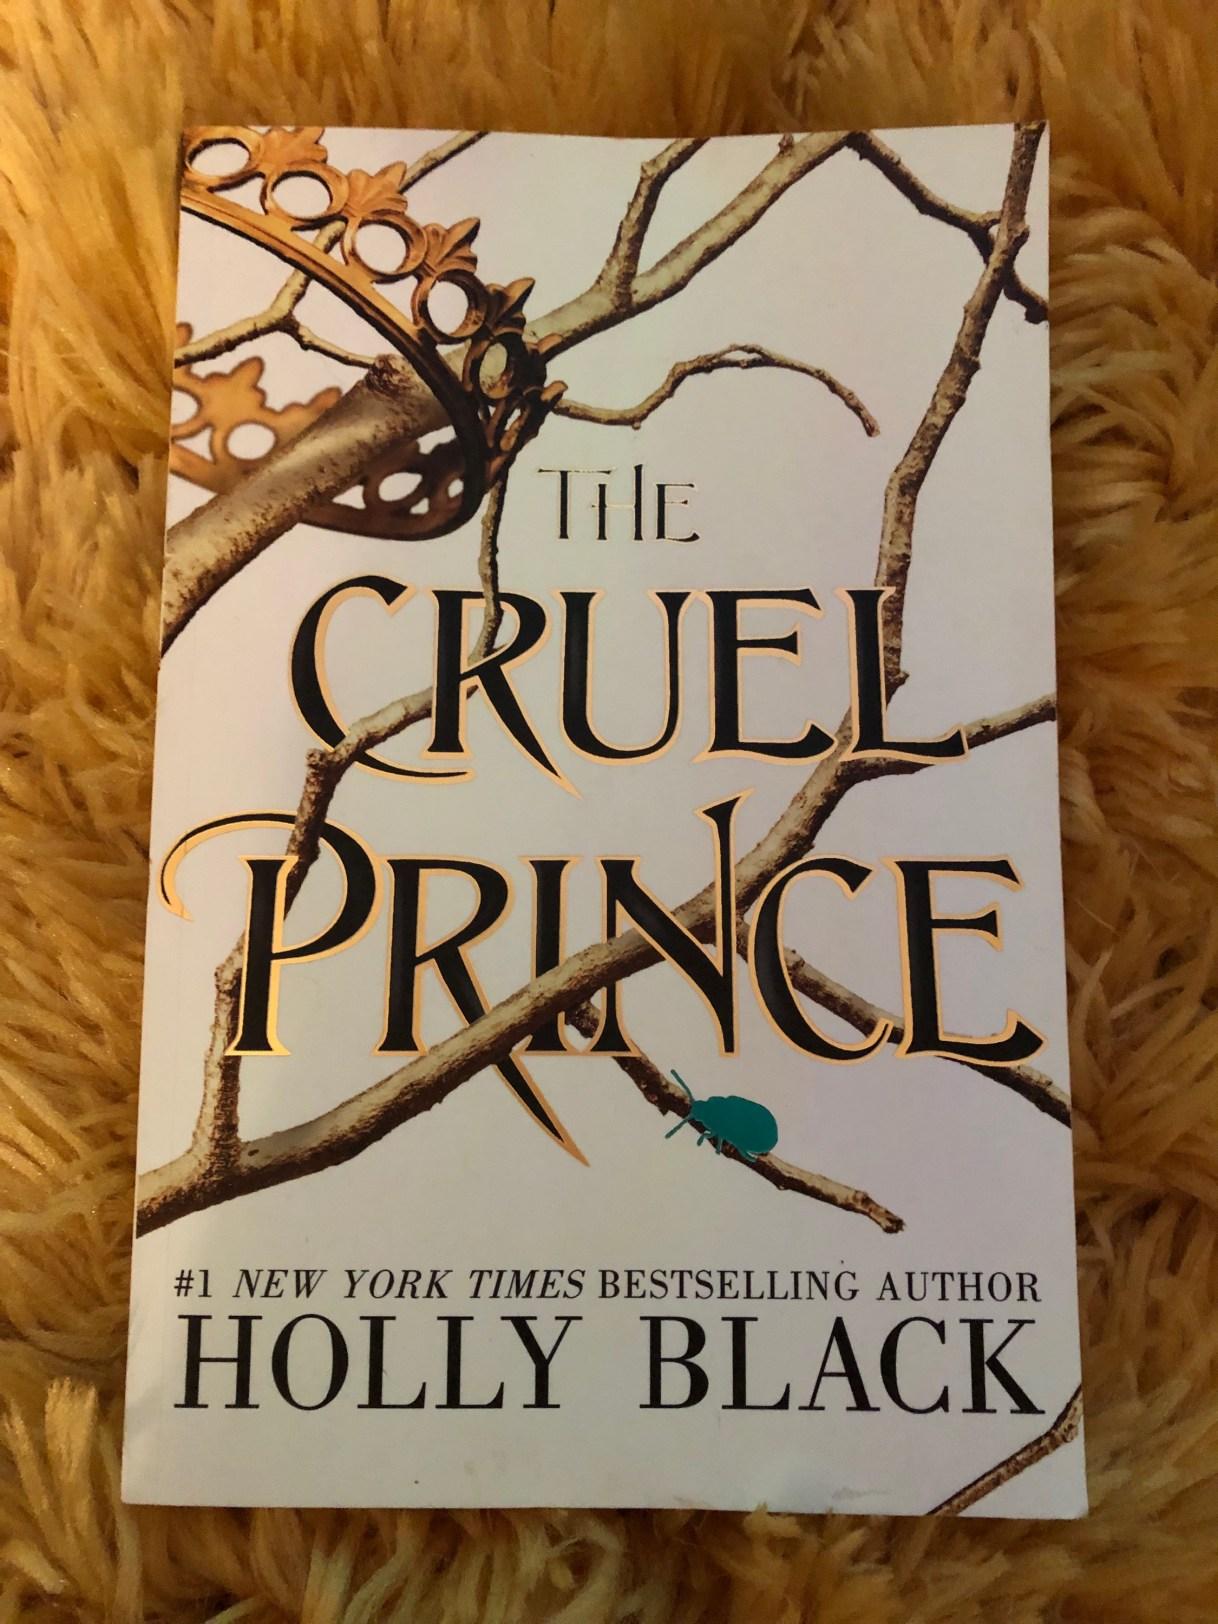 The Cruel Prince by Holly Black on Alternative-Read.com